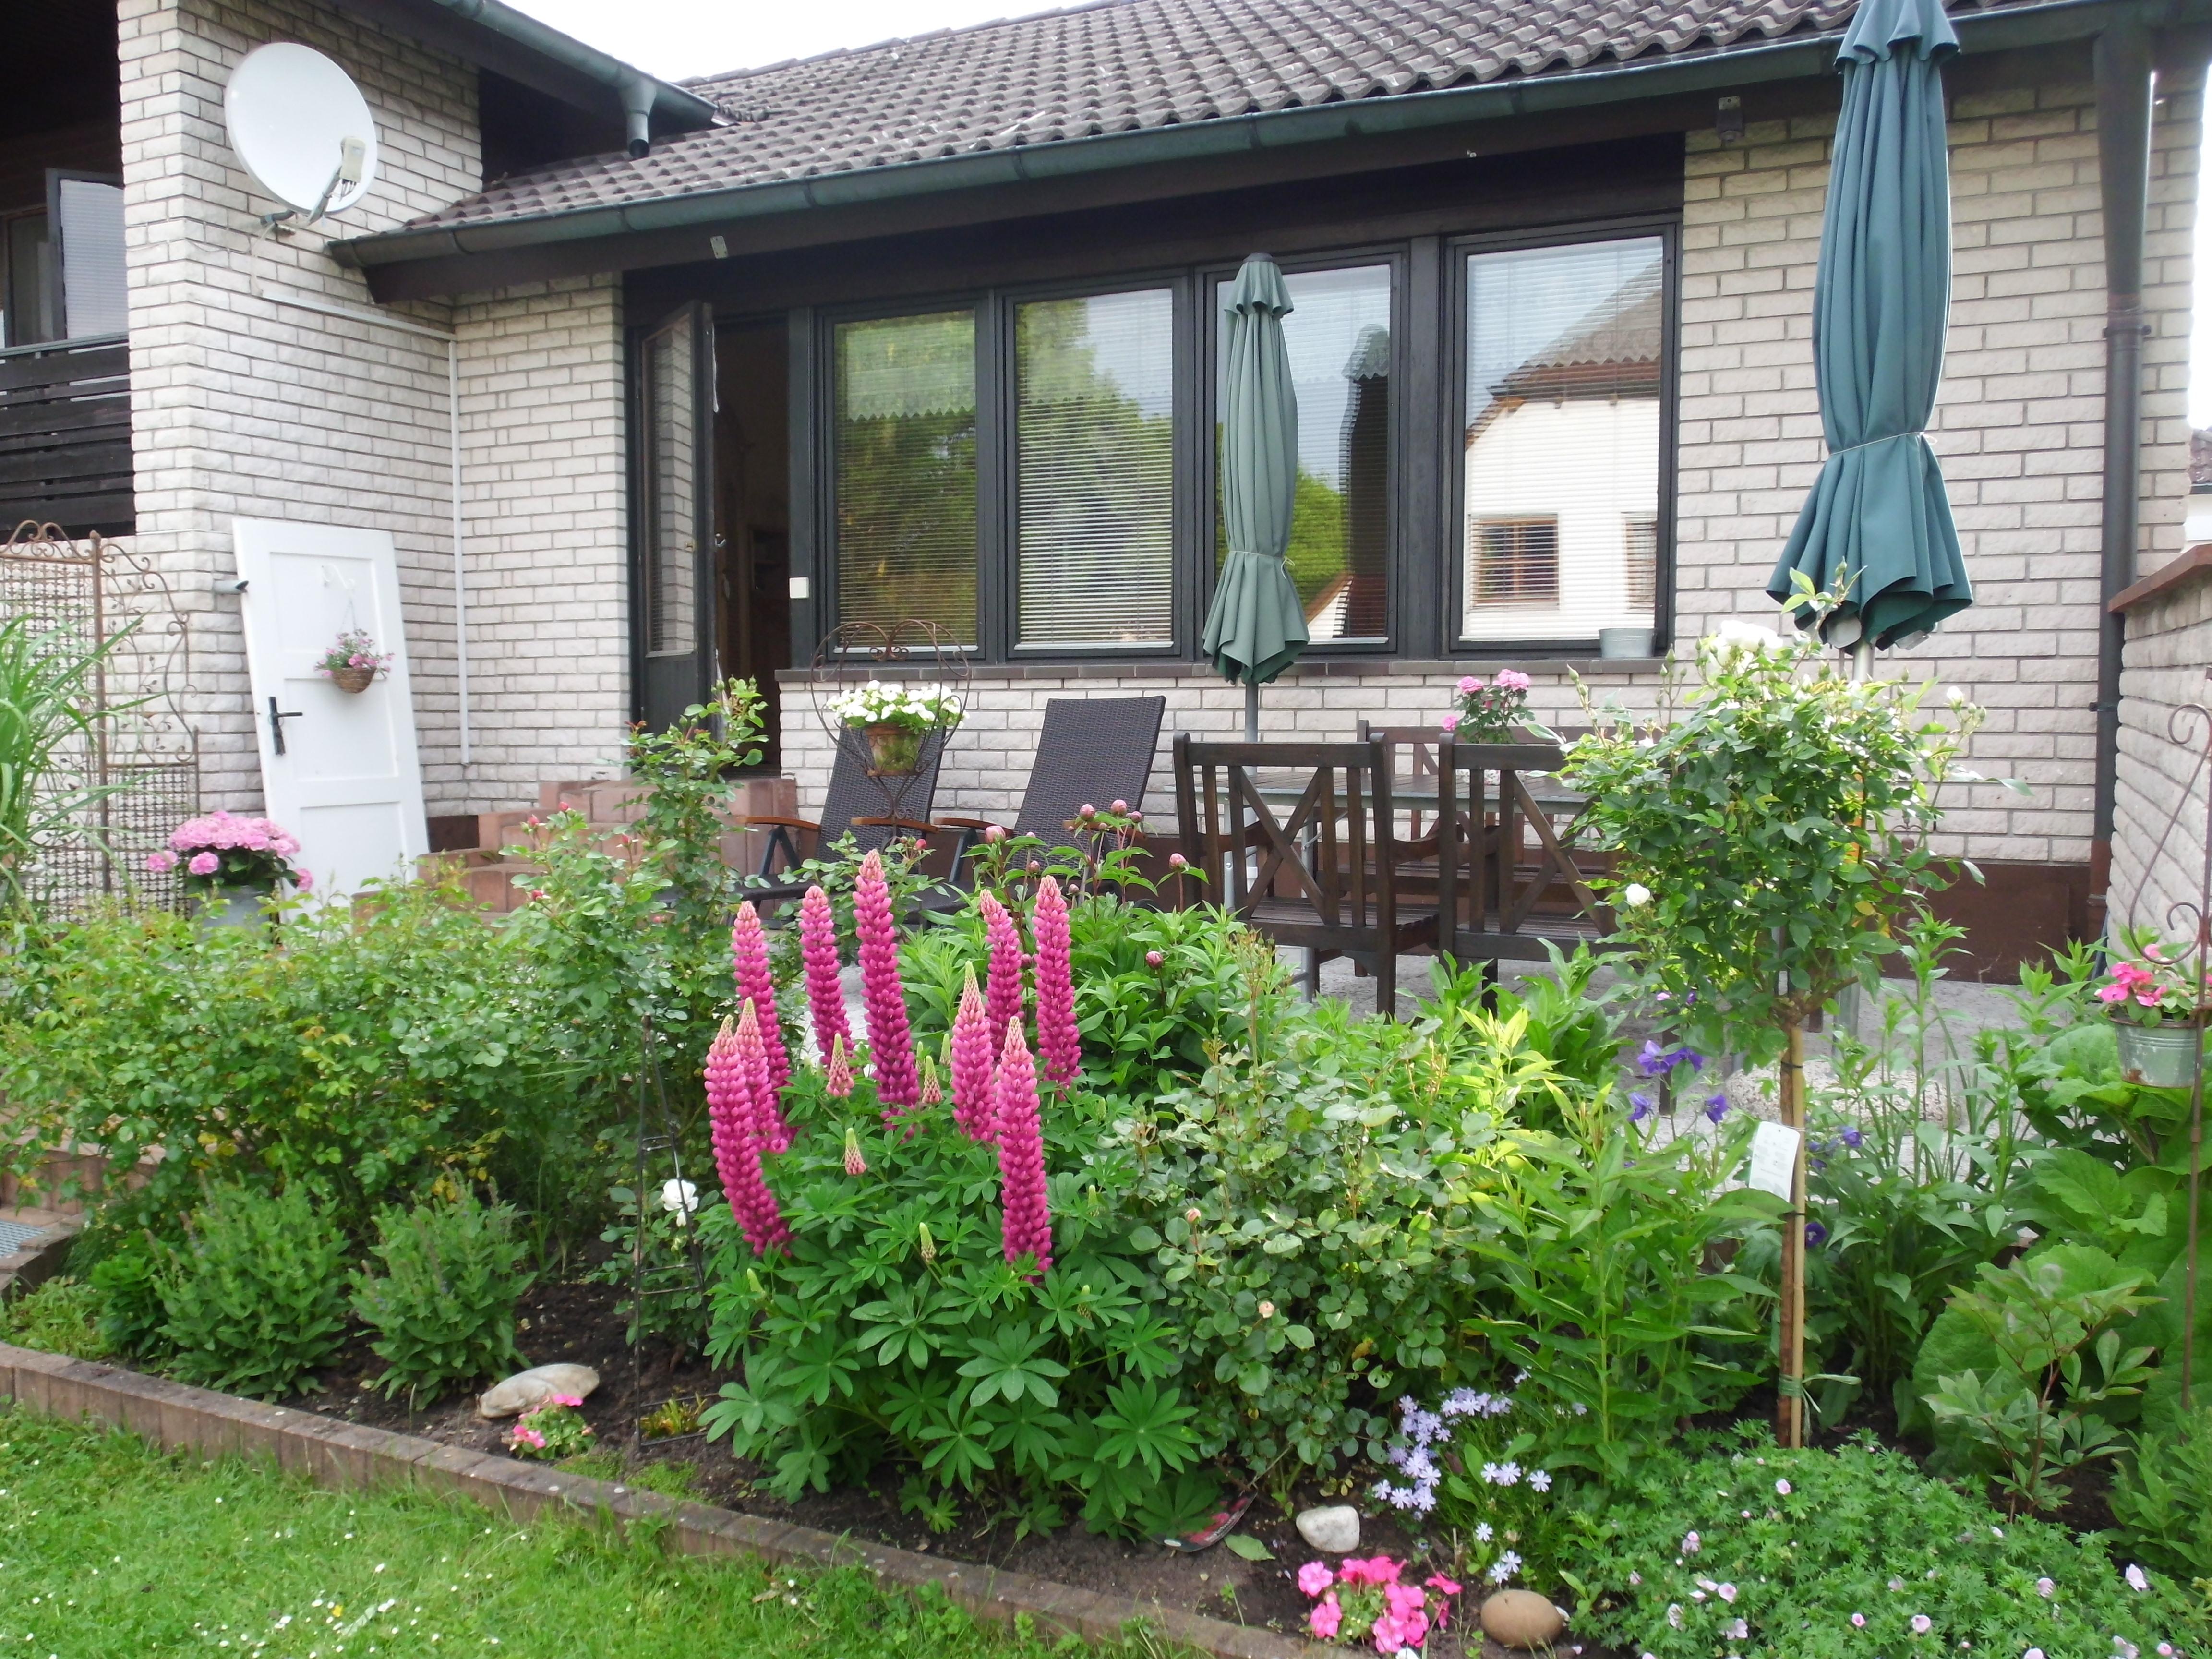 Haus_Garten_Blumen